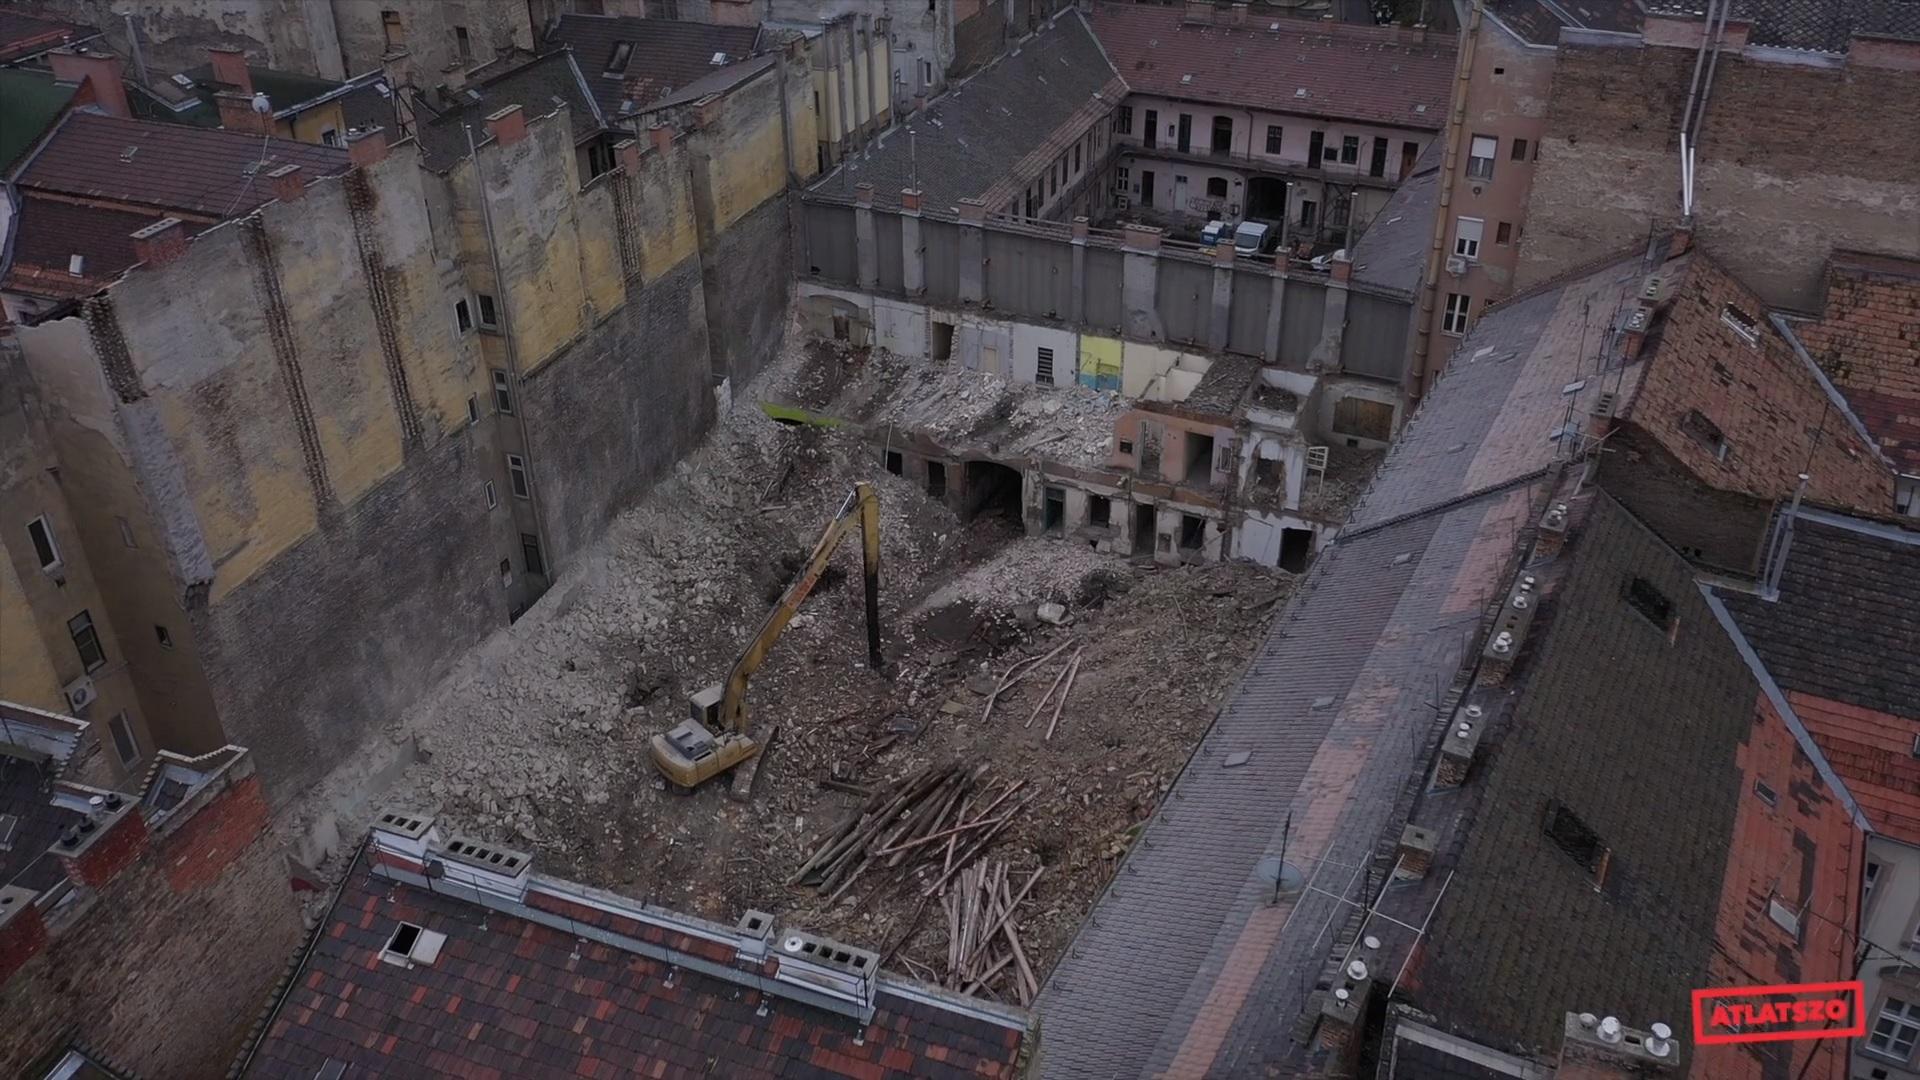 Ledózeroltak egy 184 éves, műemlék épületet Ferencvárosban